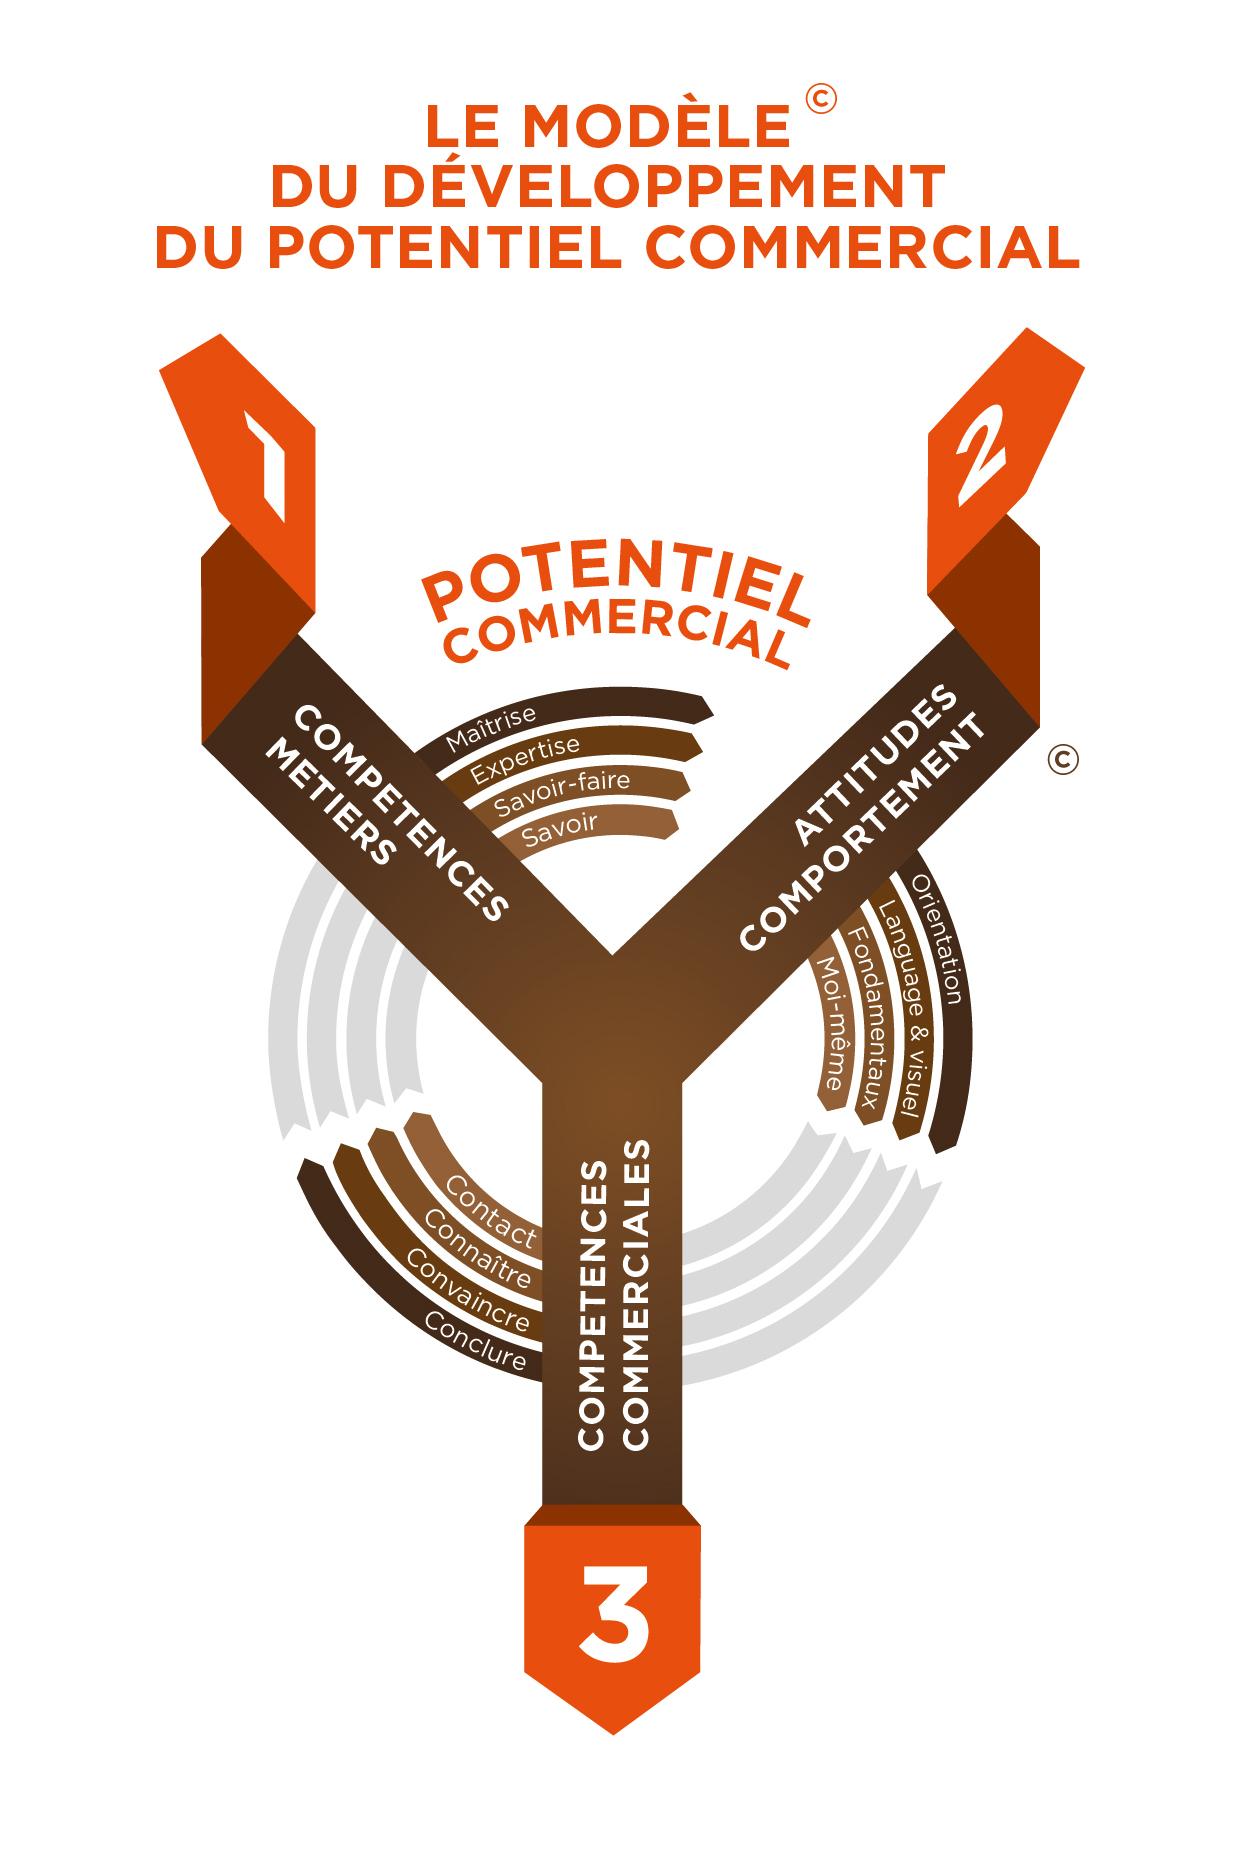 Un modèle pour développer votre potentiel commercial - OXYMORE